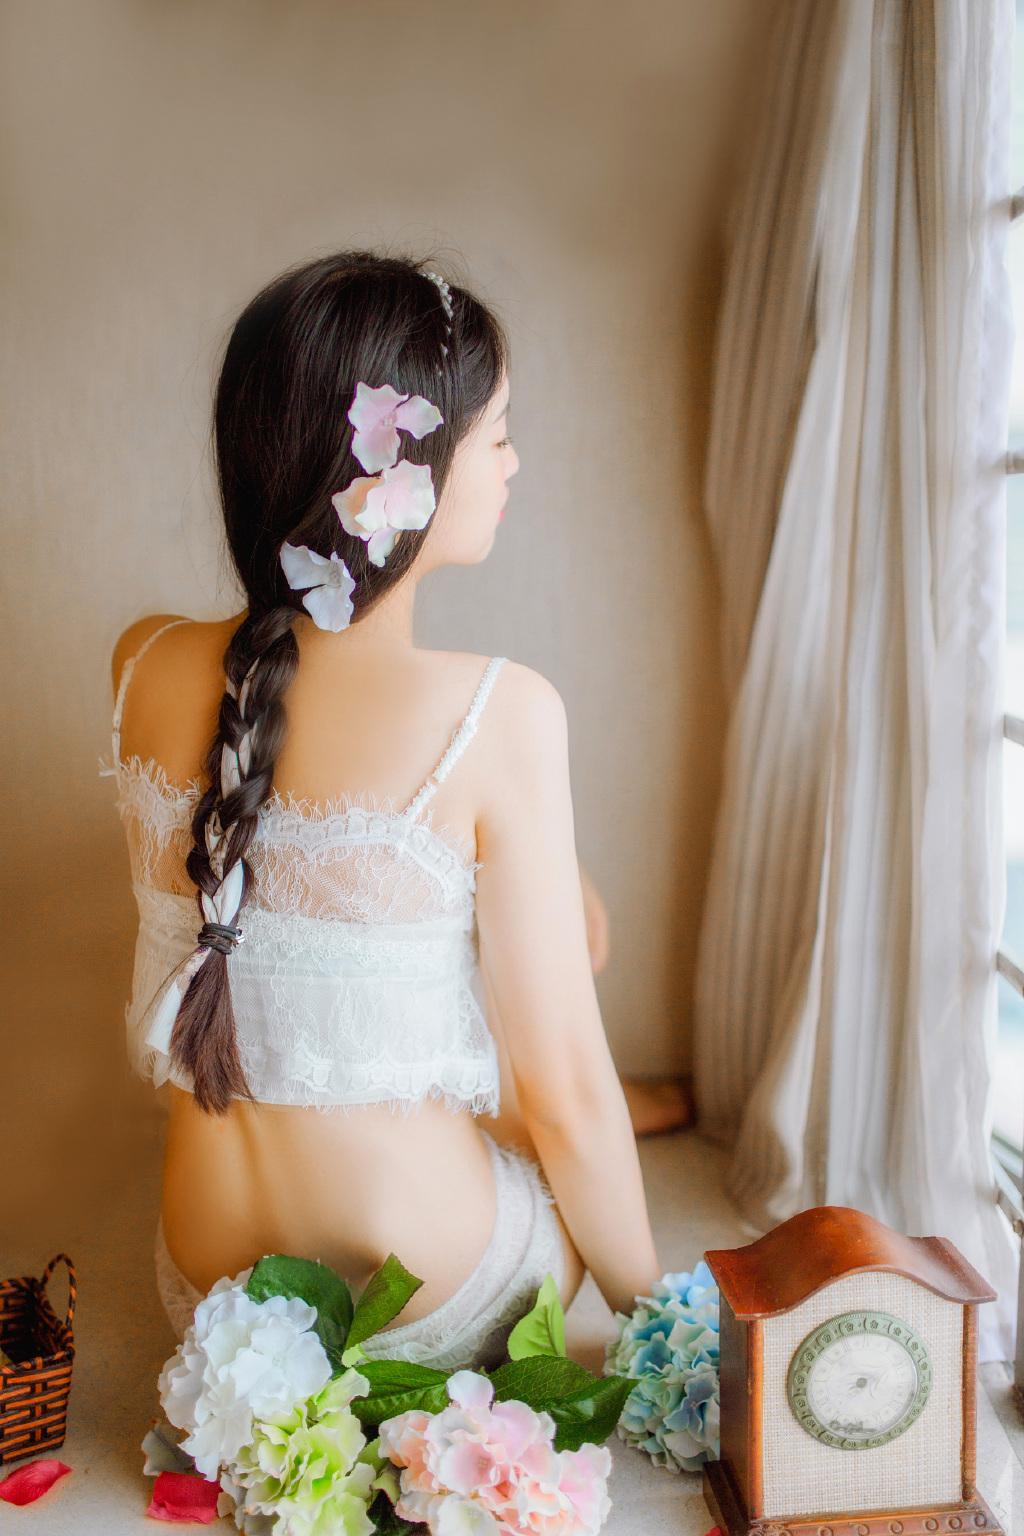 4JFB-138最美大胸长腿美女杨晨晨半裸大屁股性感高跟鞋写真